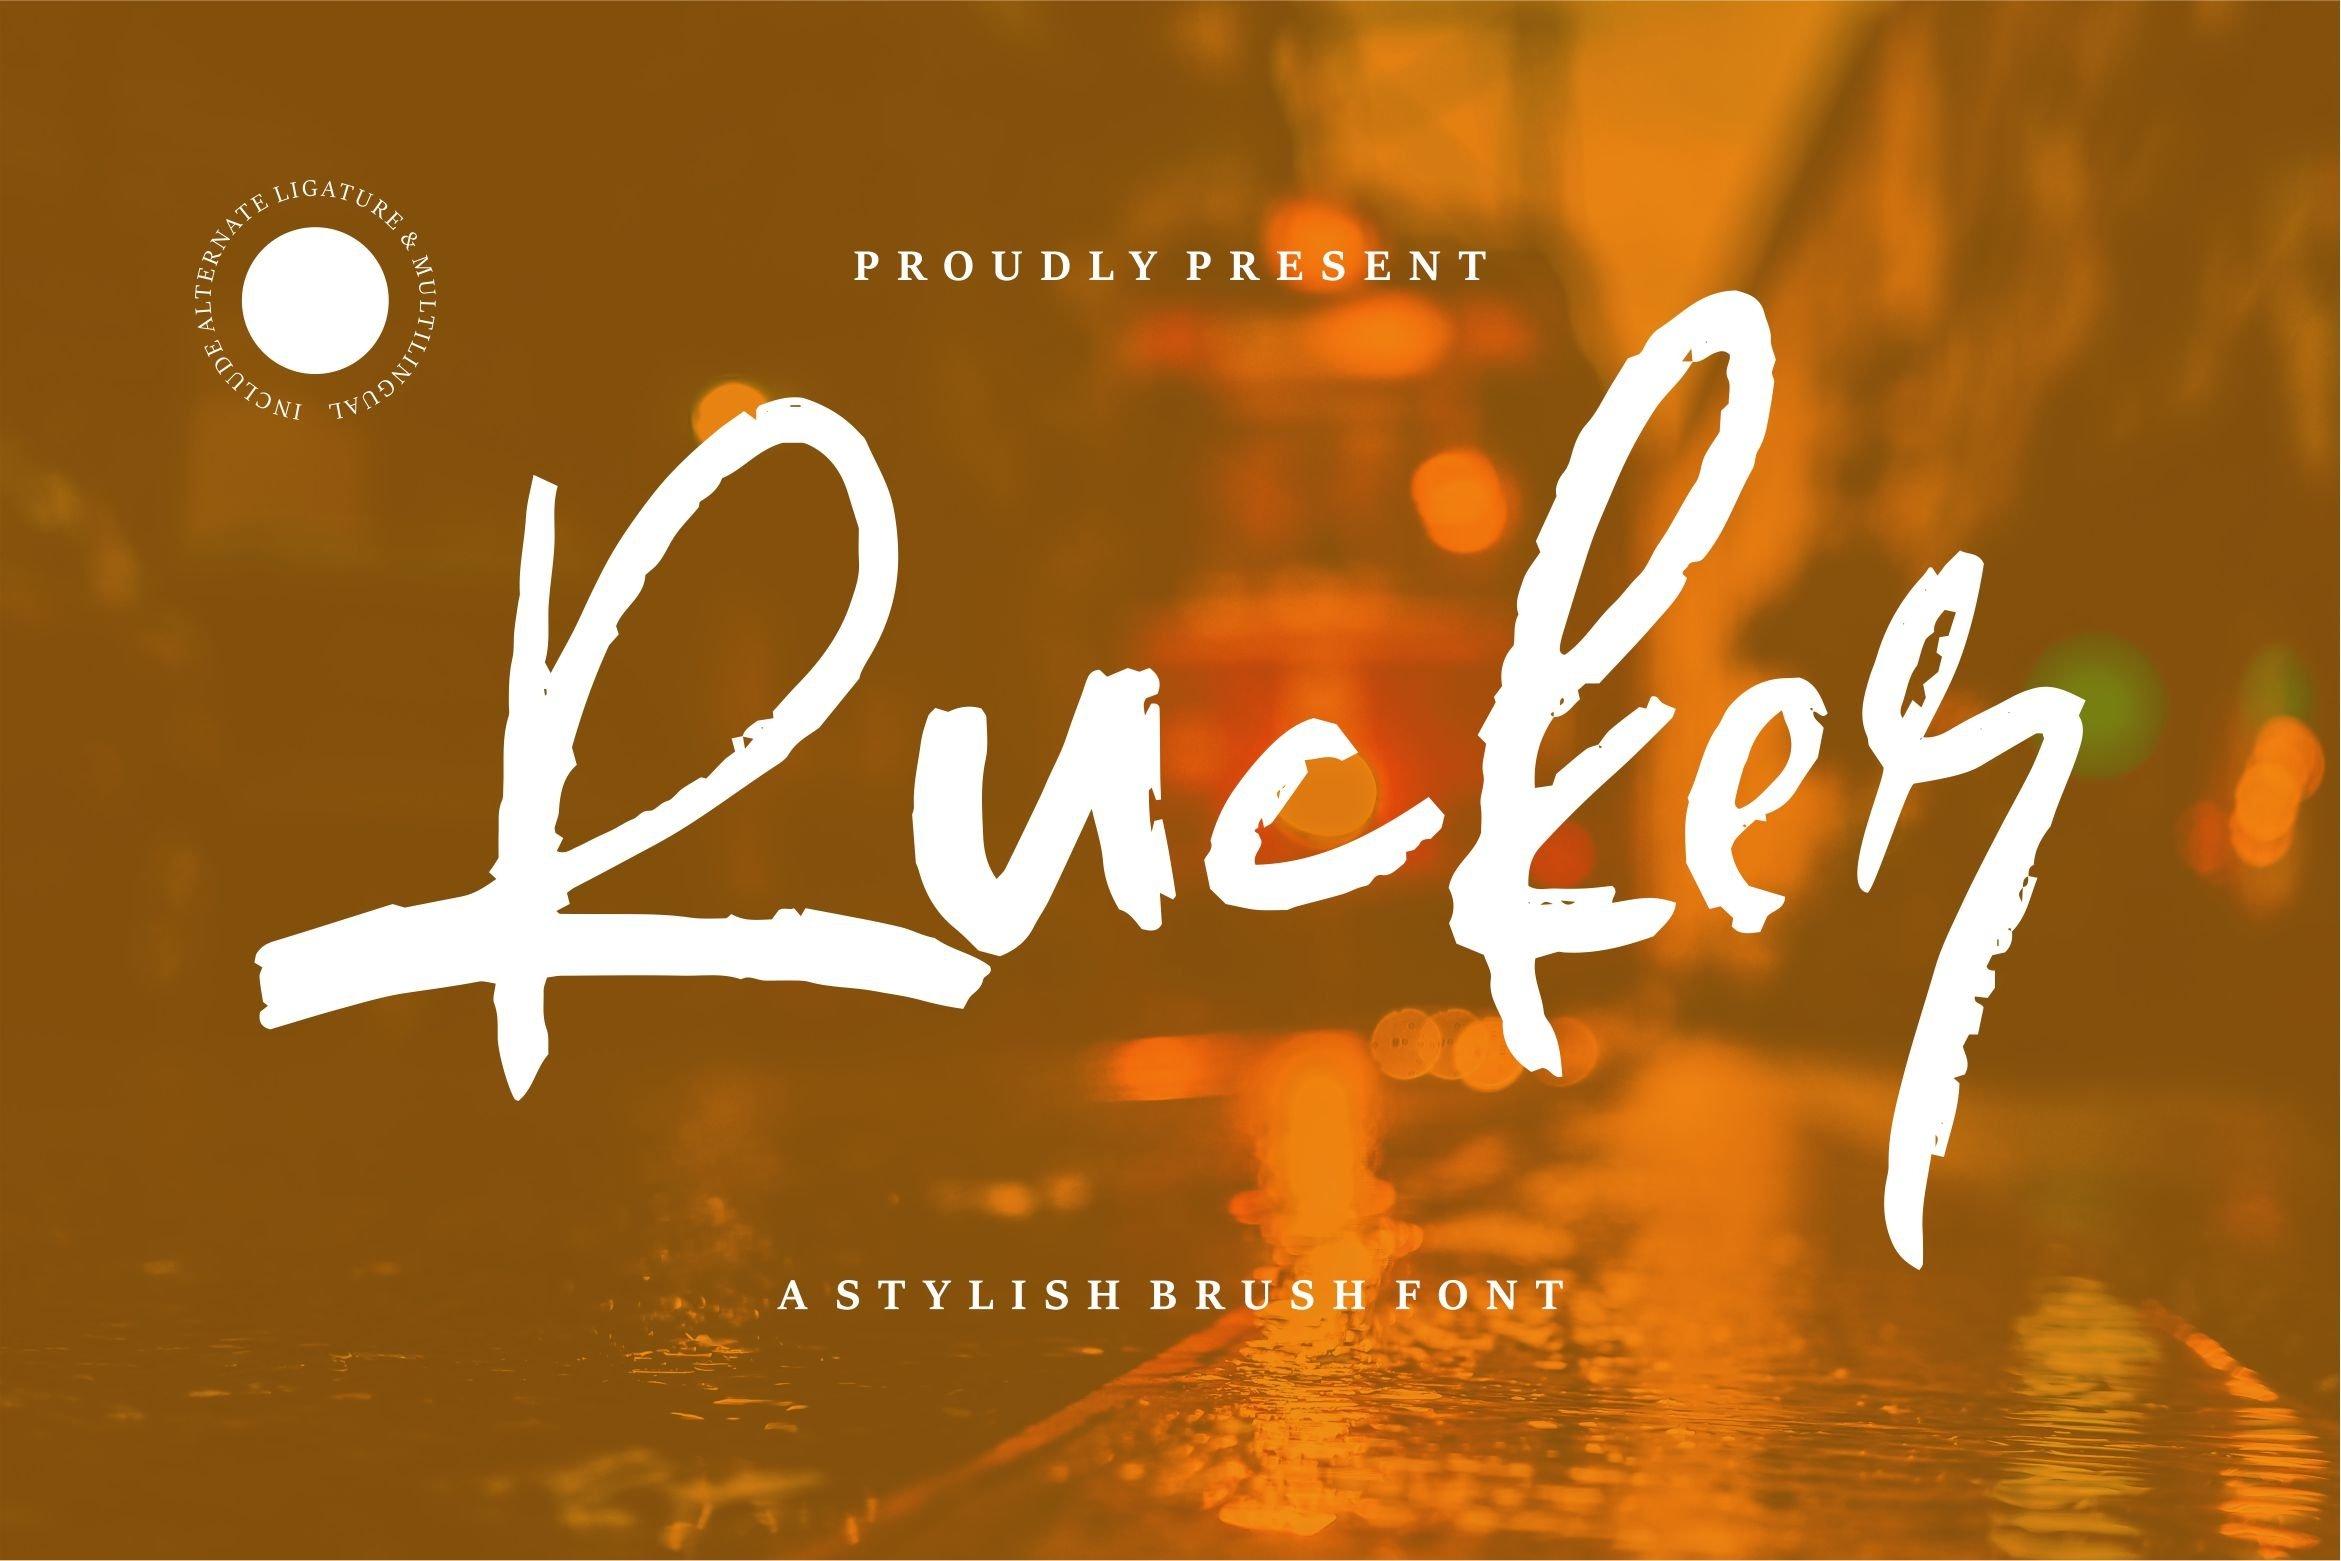 Rucker - Stylish Brush Font example image 1